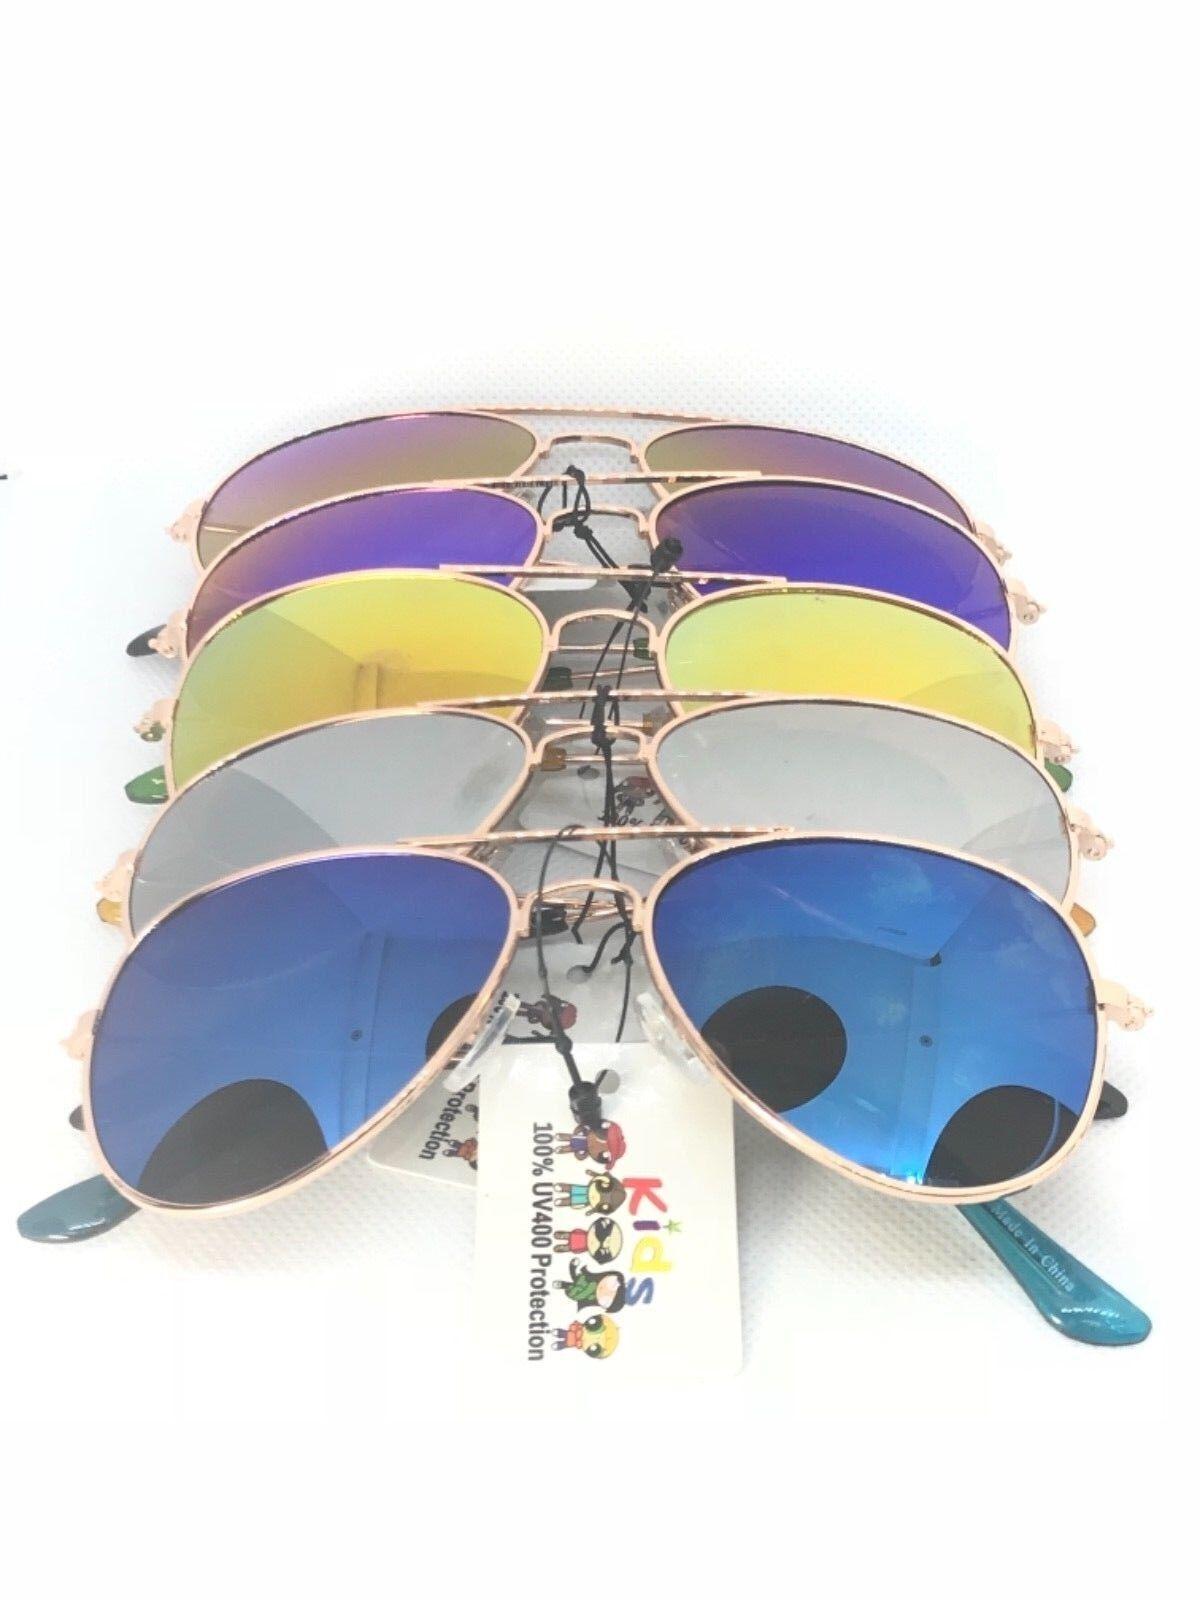 KIDS  junior size unisex AVIATOR sunglasses mirror Toddler C